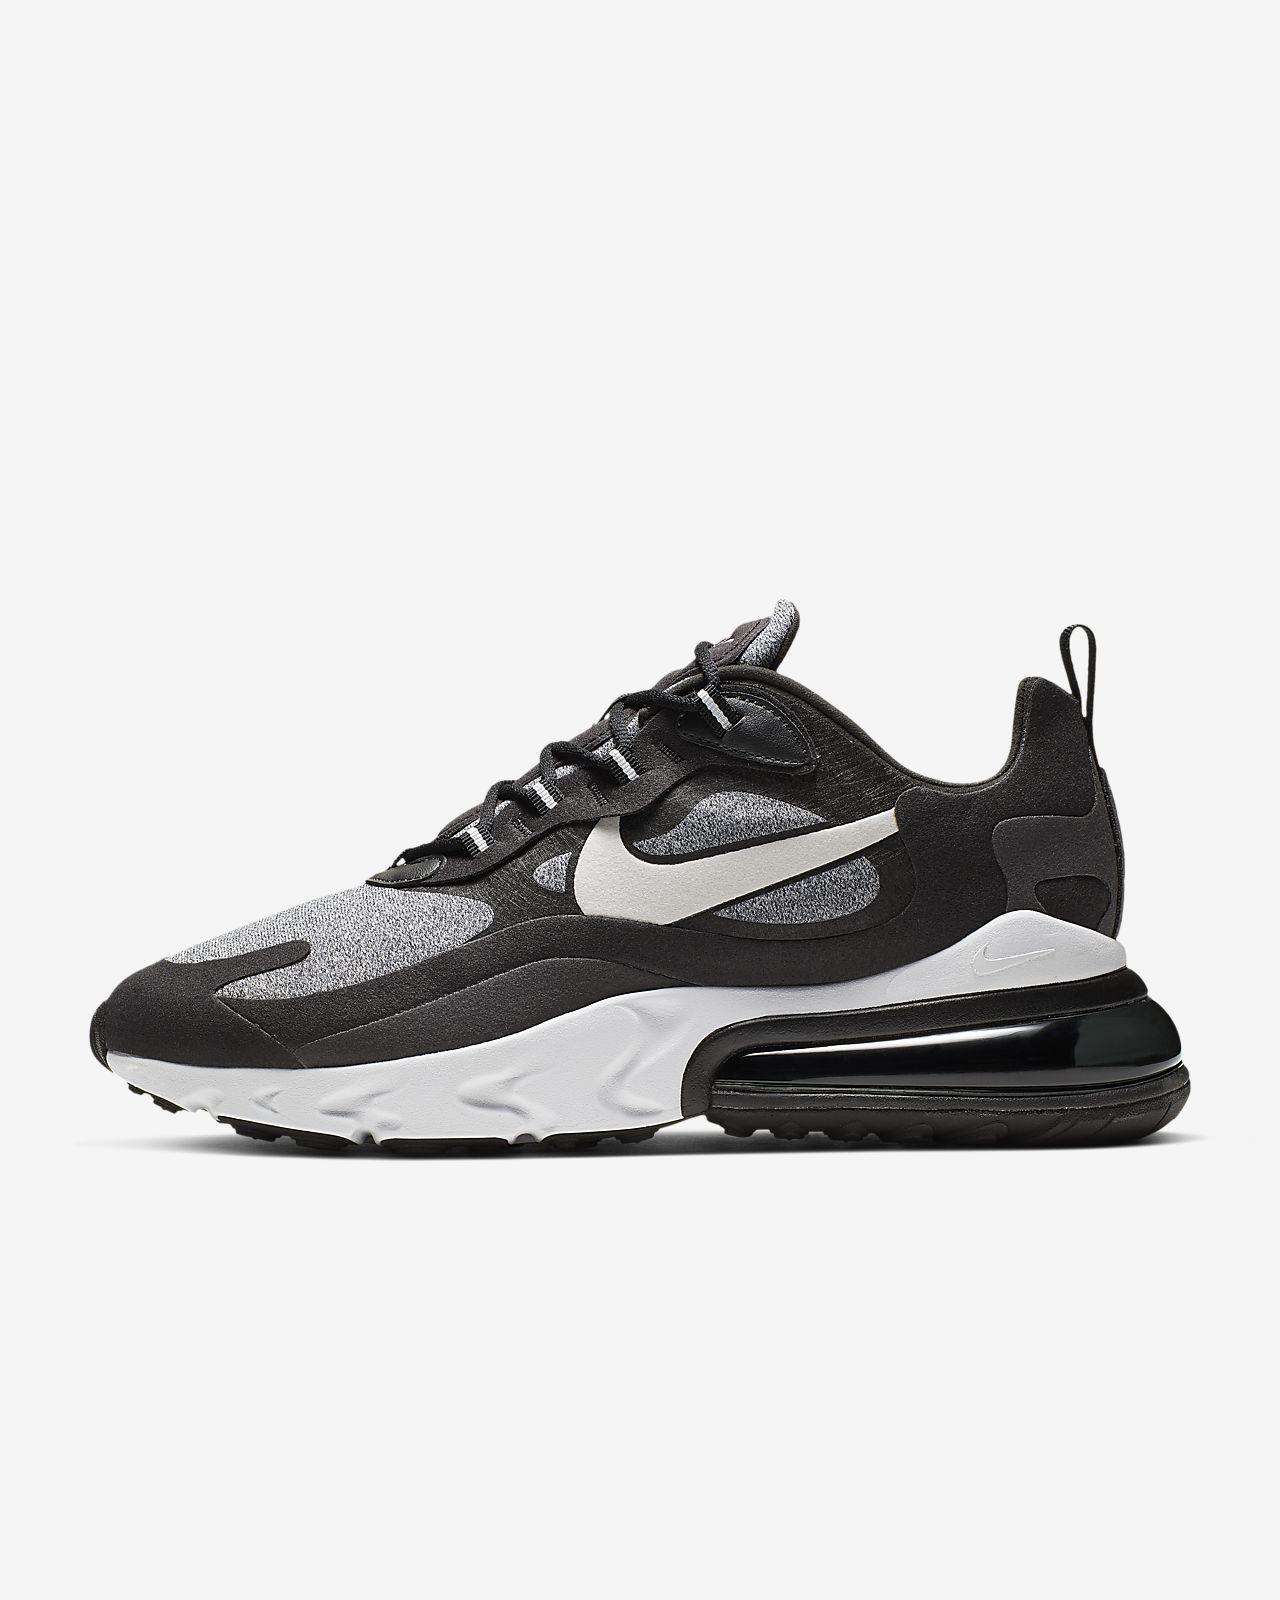 Sko Nike Air Max 270 React (Op Art) för män